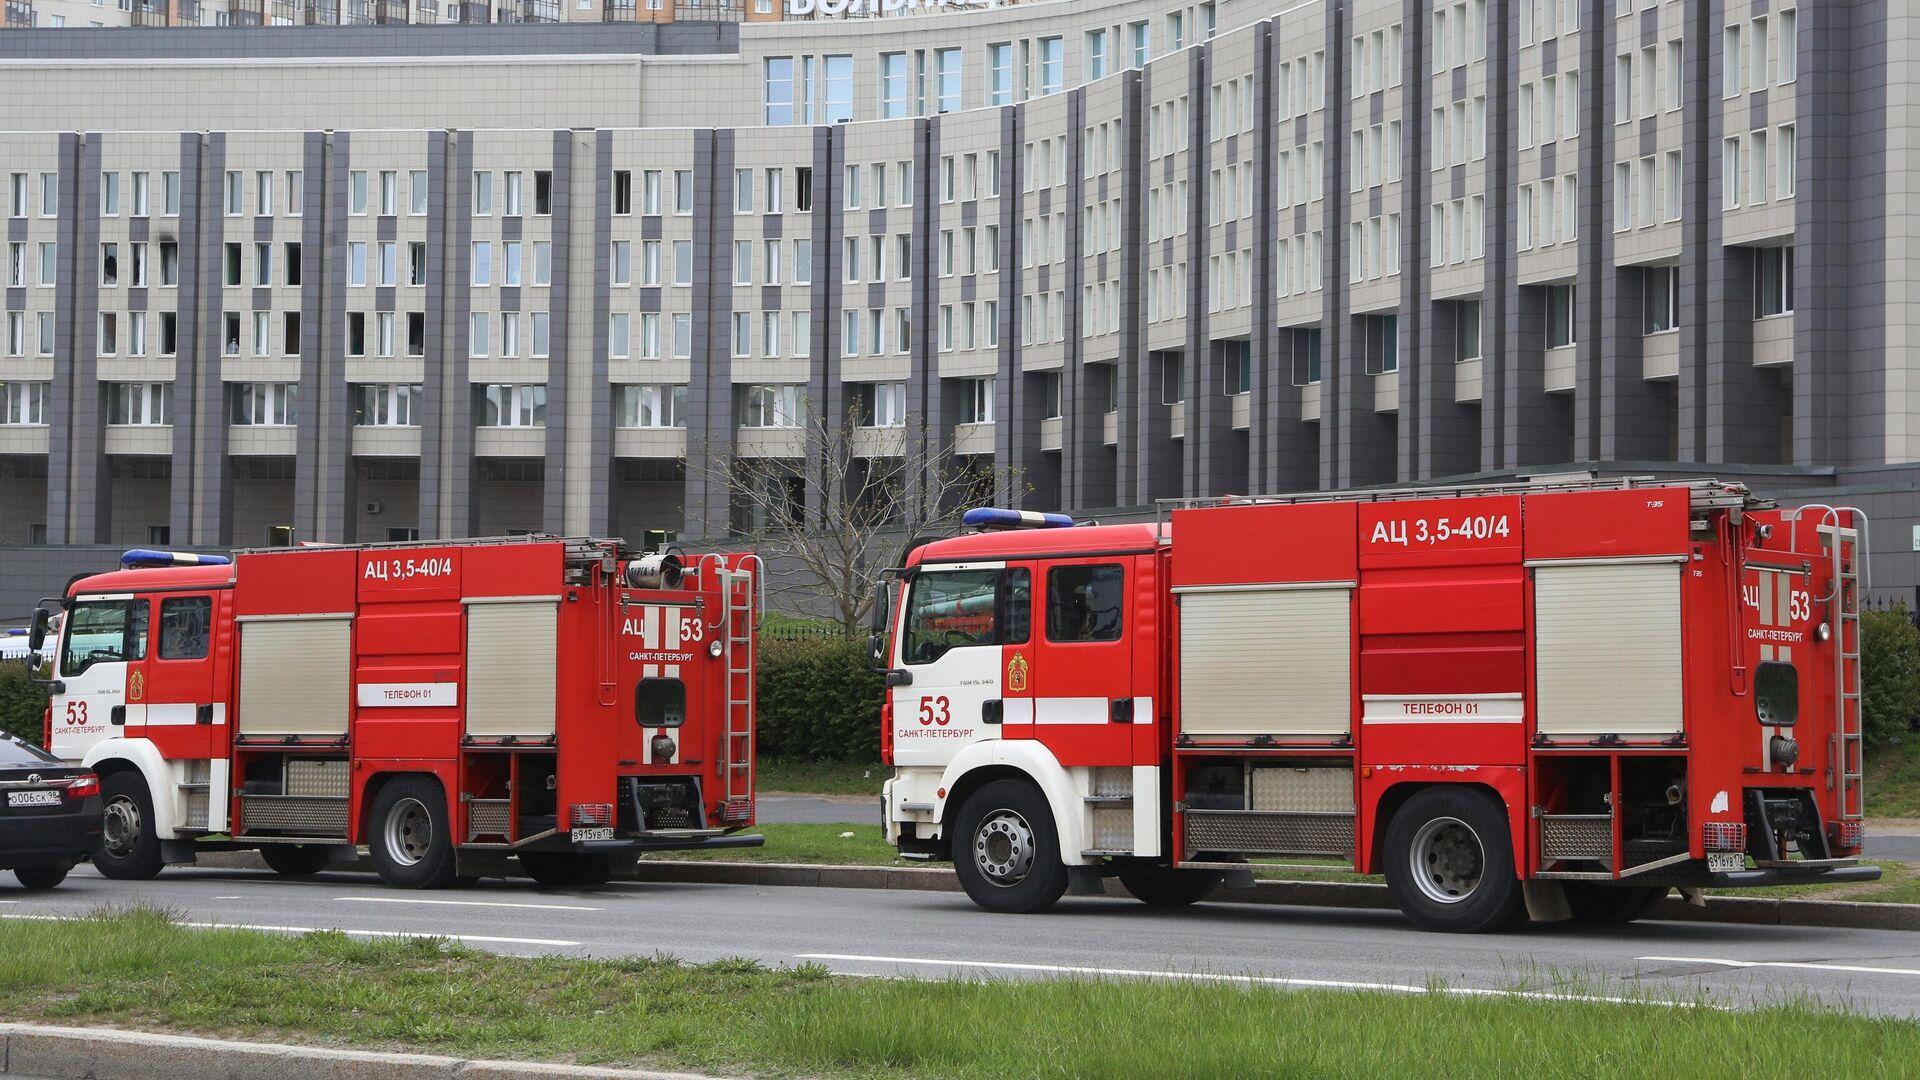 Губернатор: возгорание аппарата ИВЛ вызвало пожар в рязанской больнице